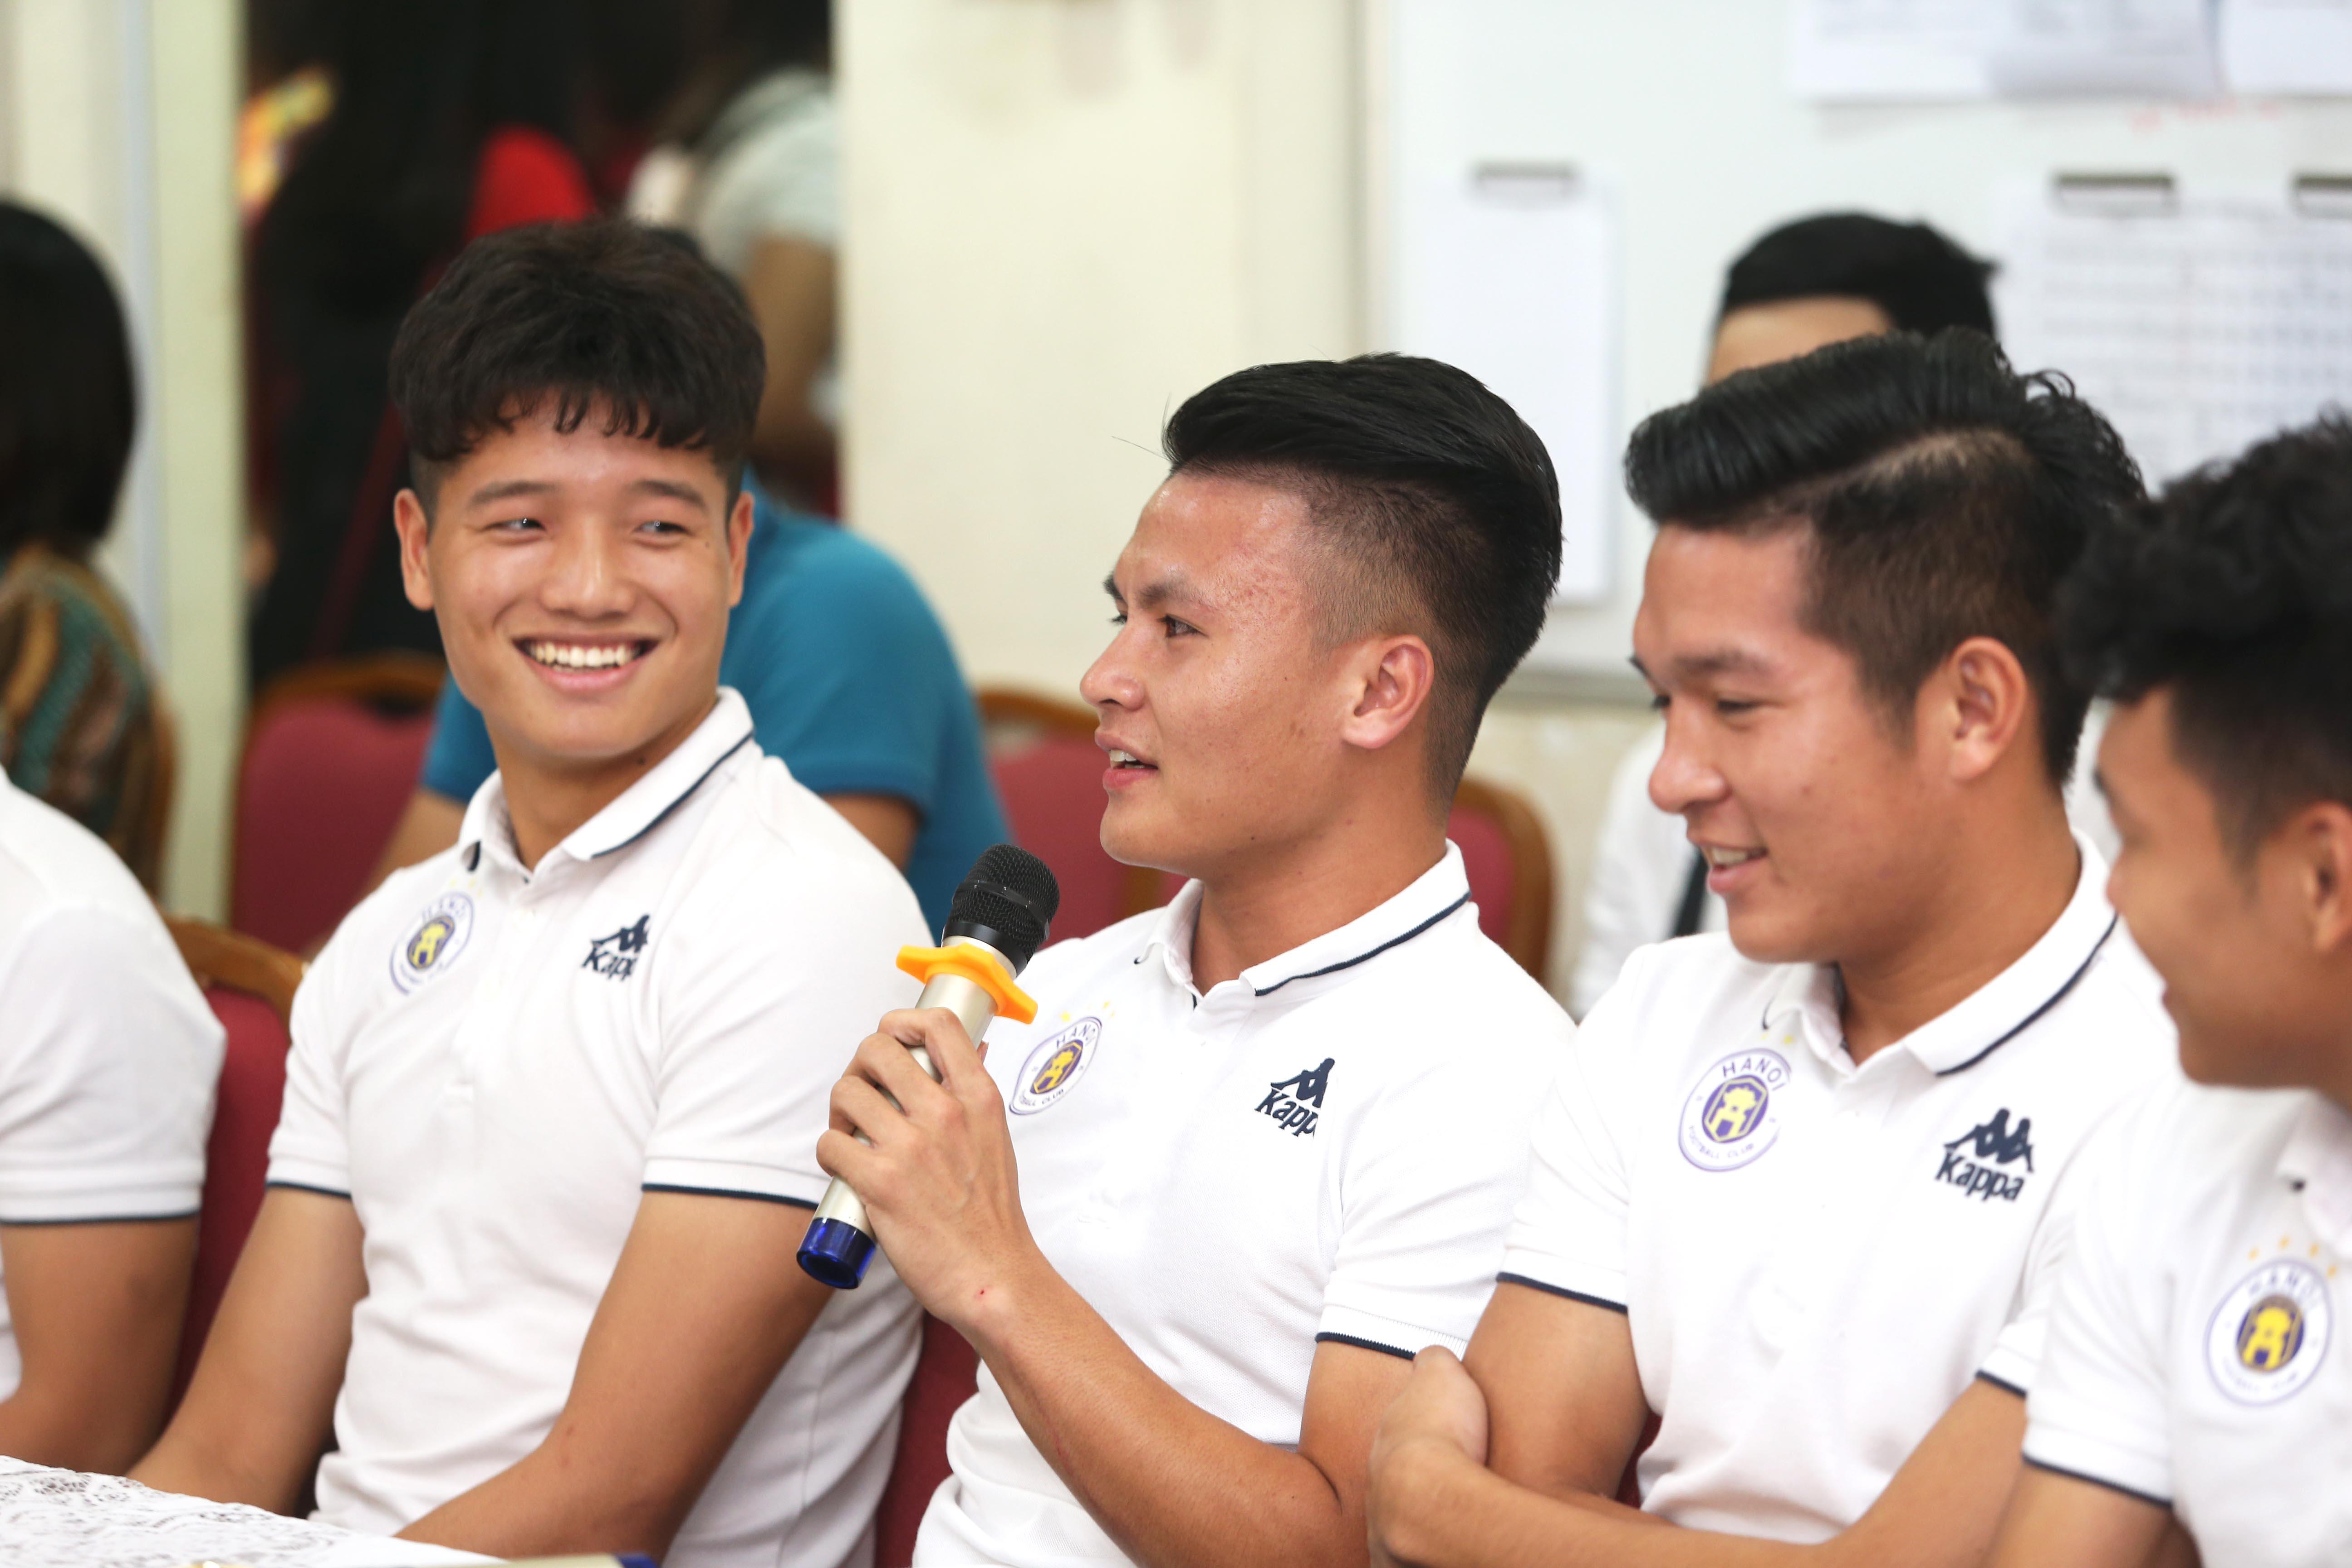 Quang Hải, Bùi Tiến Dũng đeo mặt nạ trung thu truyền cảm hứng tại Strong Vietnam - Ảnh 2